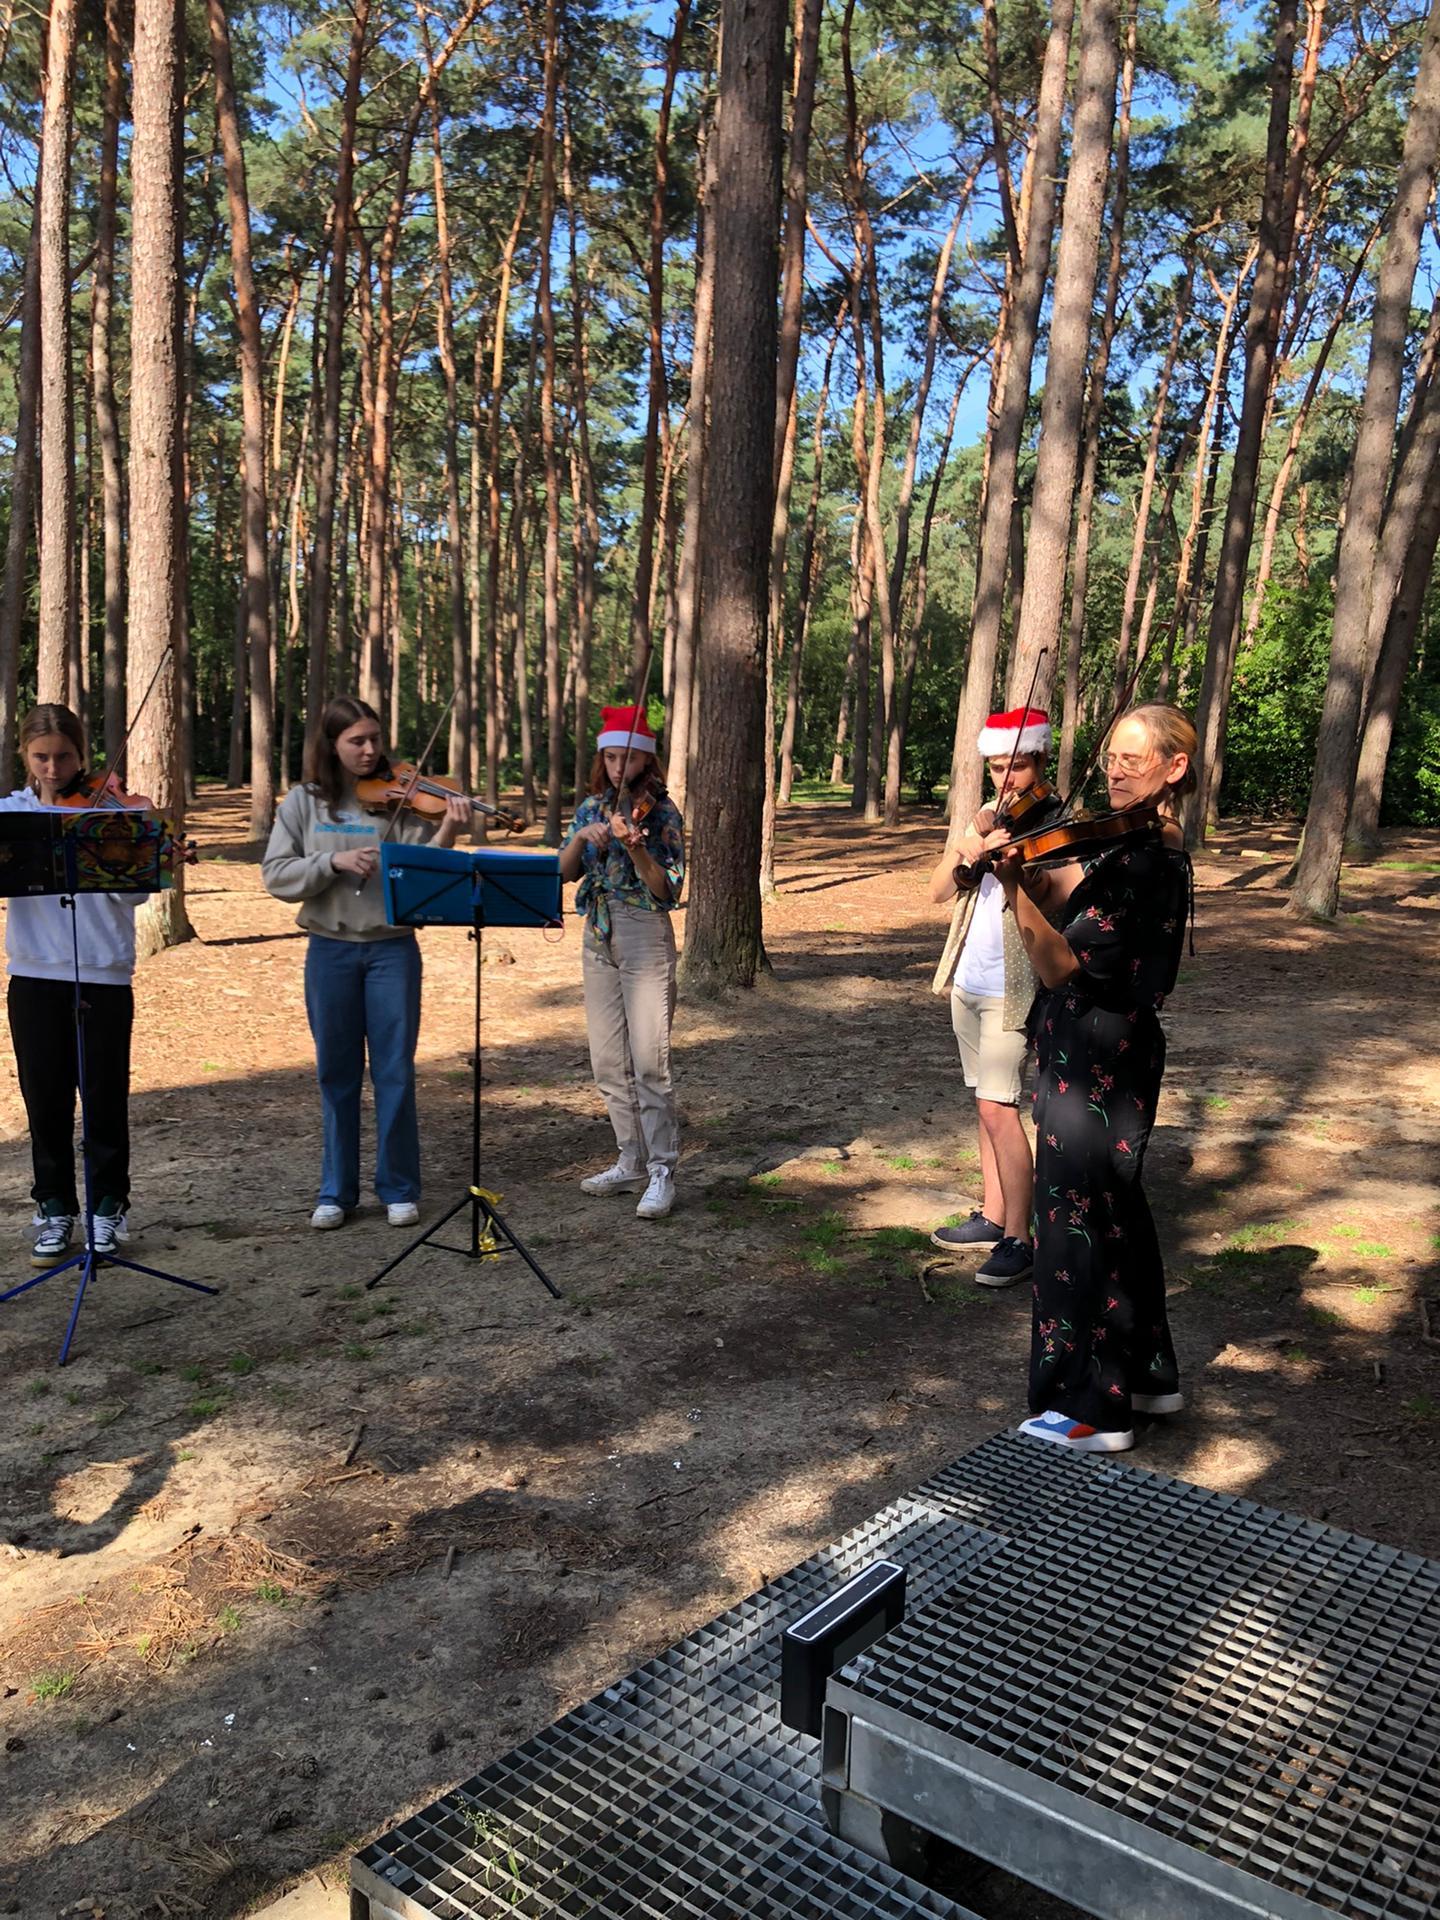 het bos is de perfecte plek voor een goede repetitie